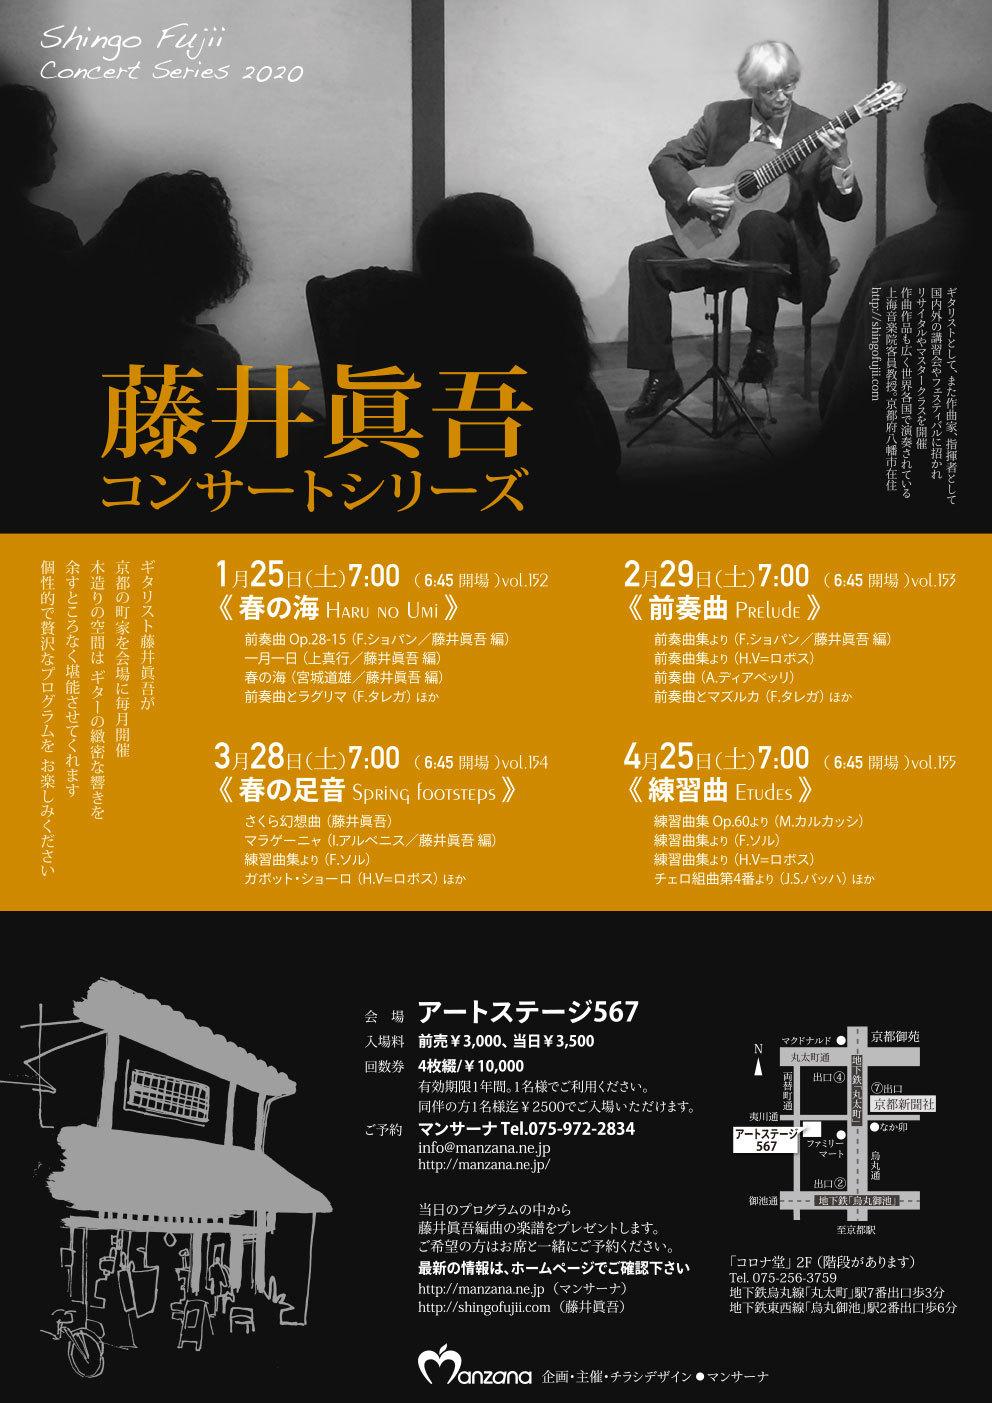 藤井眞吾コンサートシリーズ ◆ 4月までの予定_e0103327_10115566.jpg